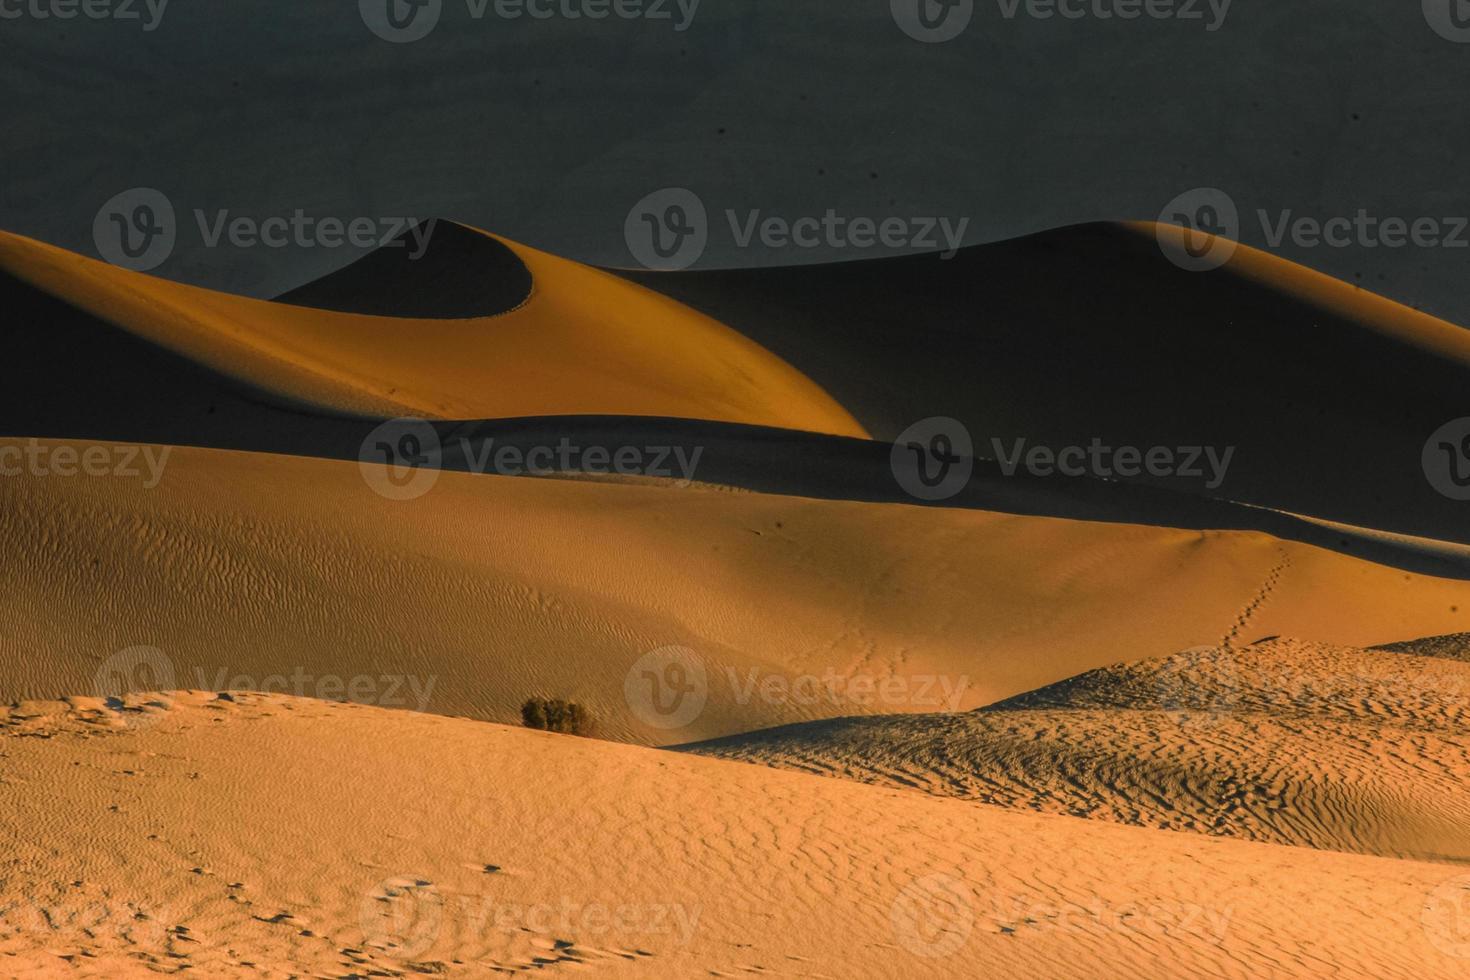 dunas de arena de mezquite mágico foto